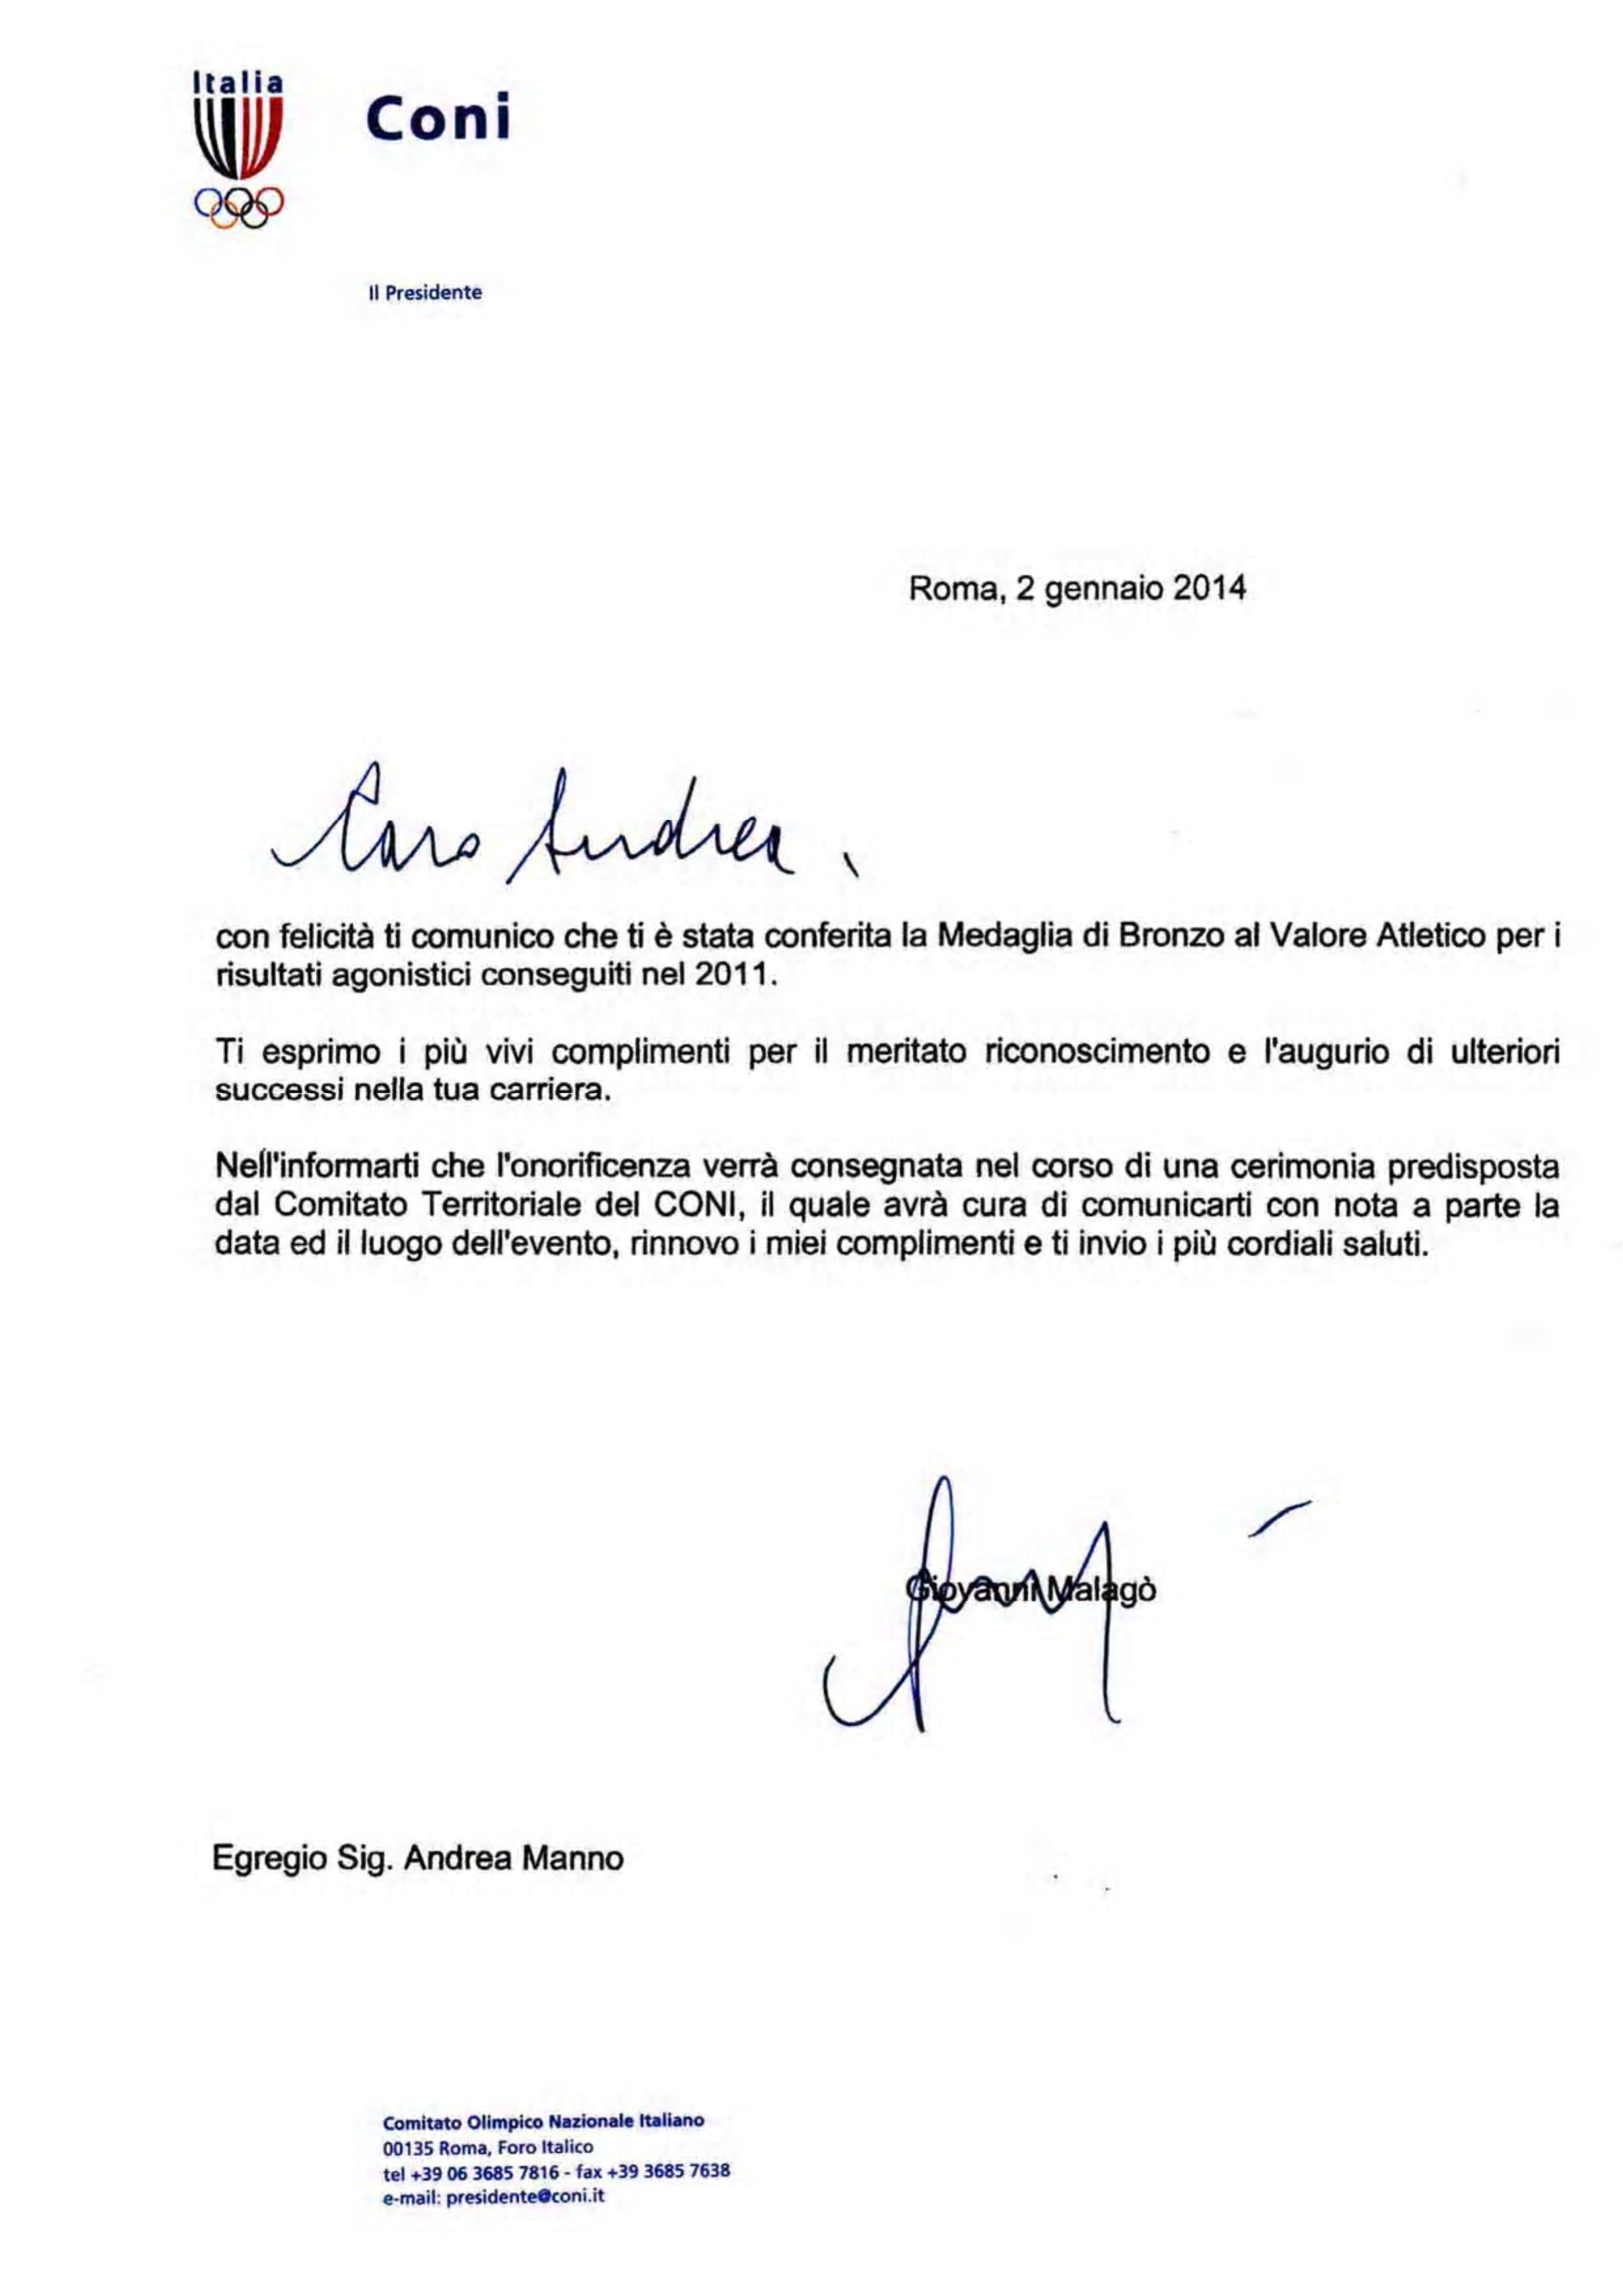 Riconoscimento-del-Presidente-del-CONI-ad-Andrea-Manno